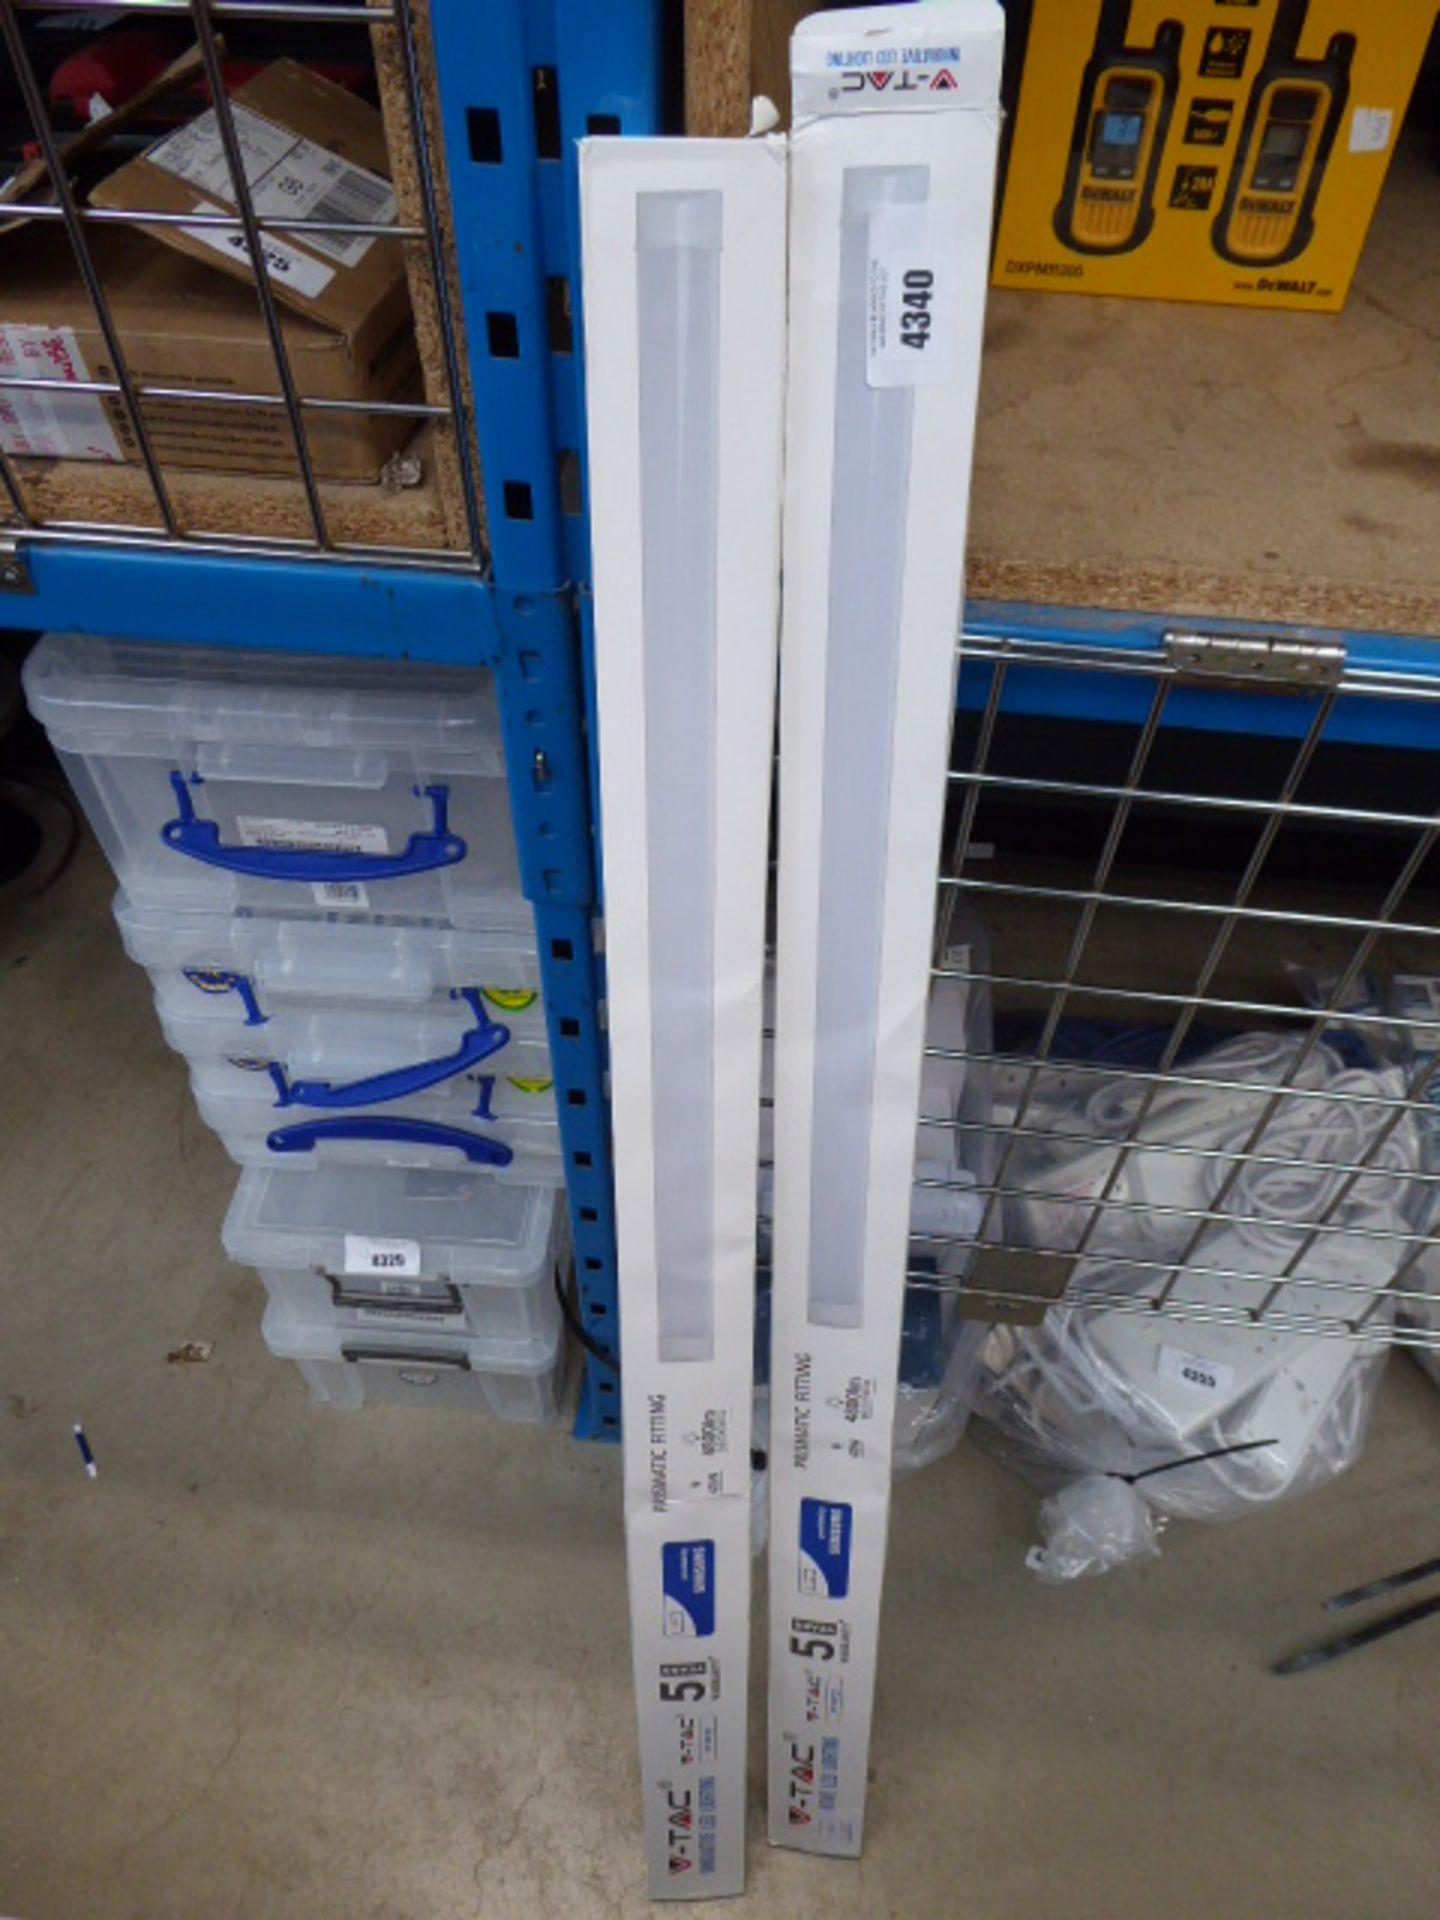 2 LED striplights - Image 2 of 2